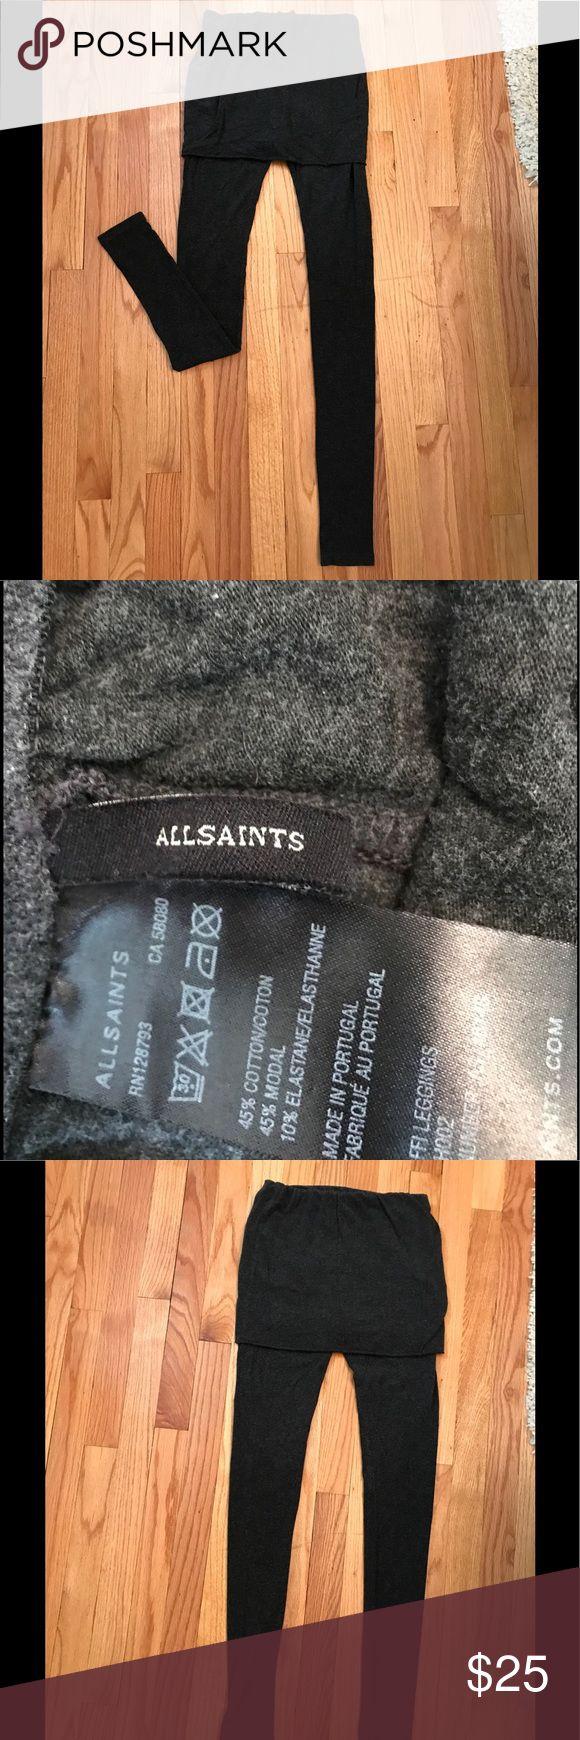 ALL SAINTS skirt leggings Beautiful dark grey ALLSAINTS skirt leggings. Super soft and so cute on All Saints Pants Leggings